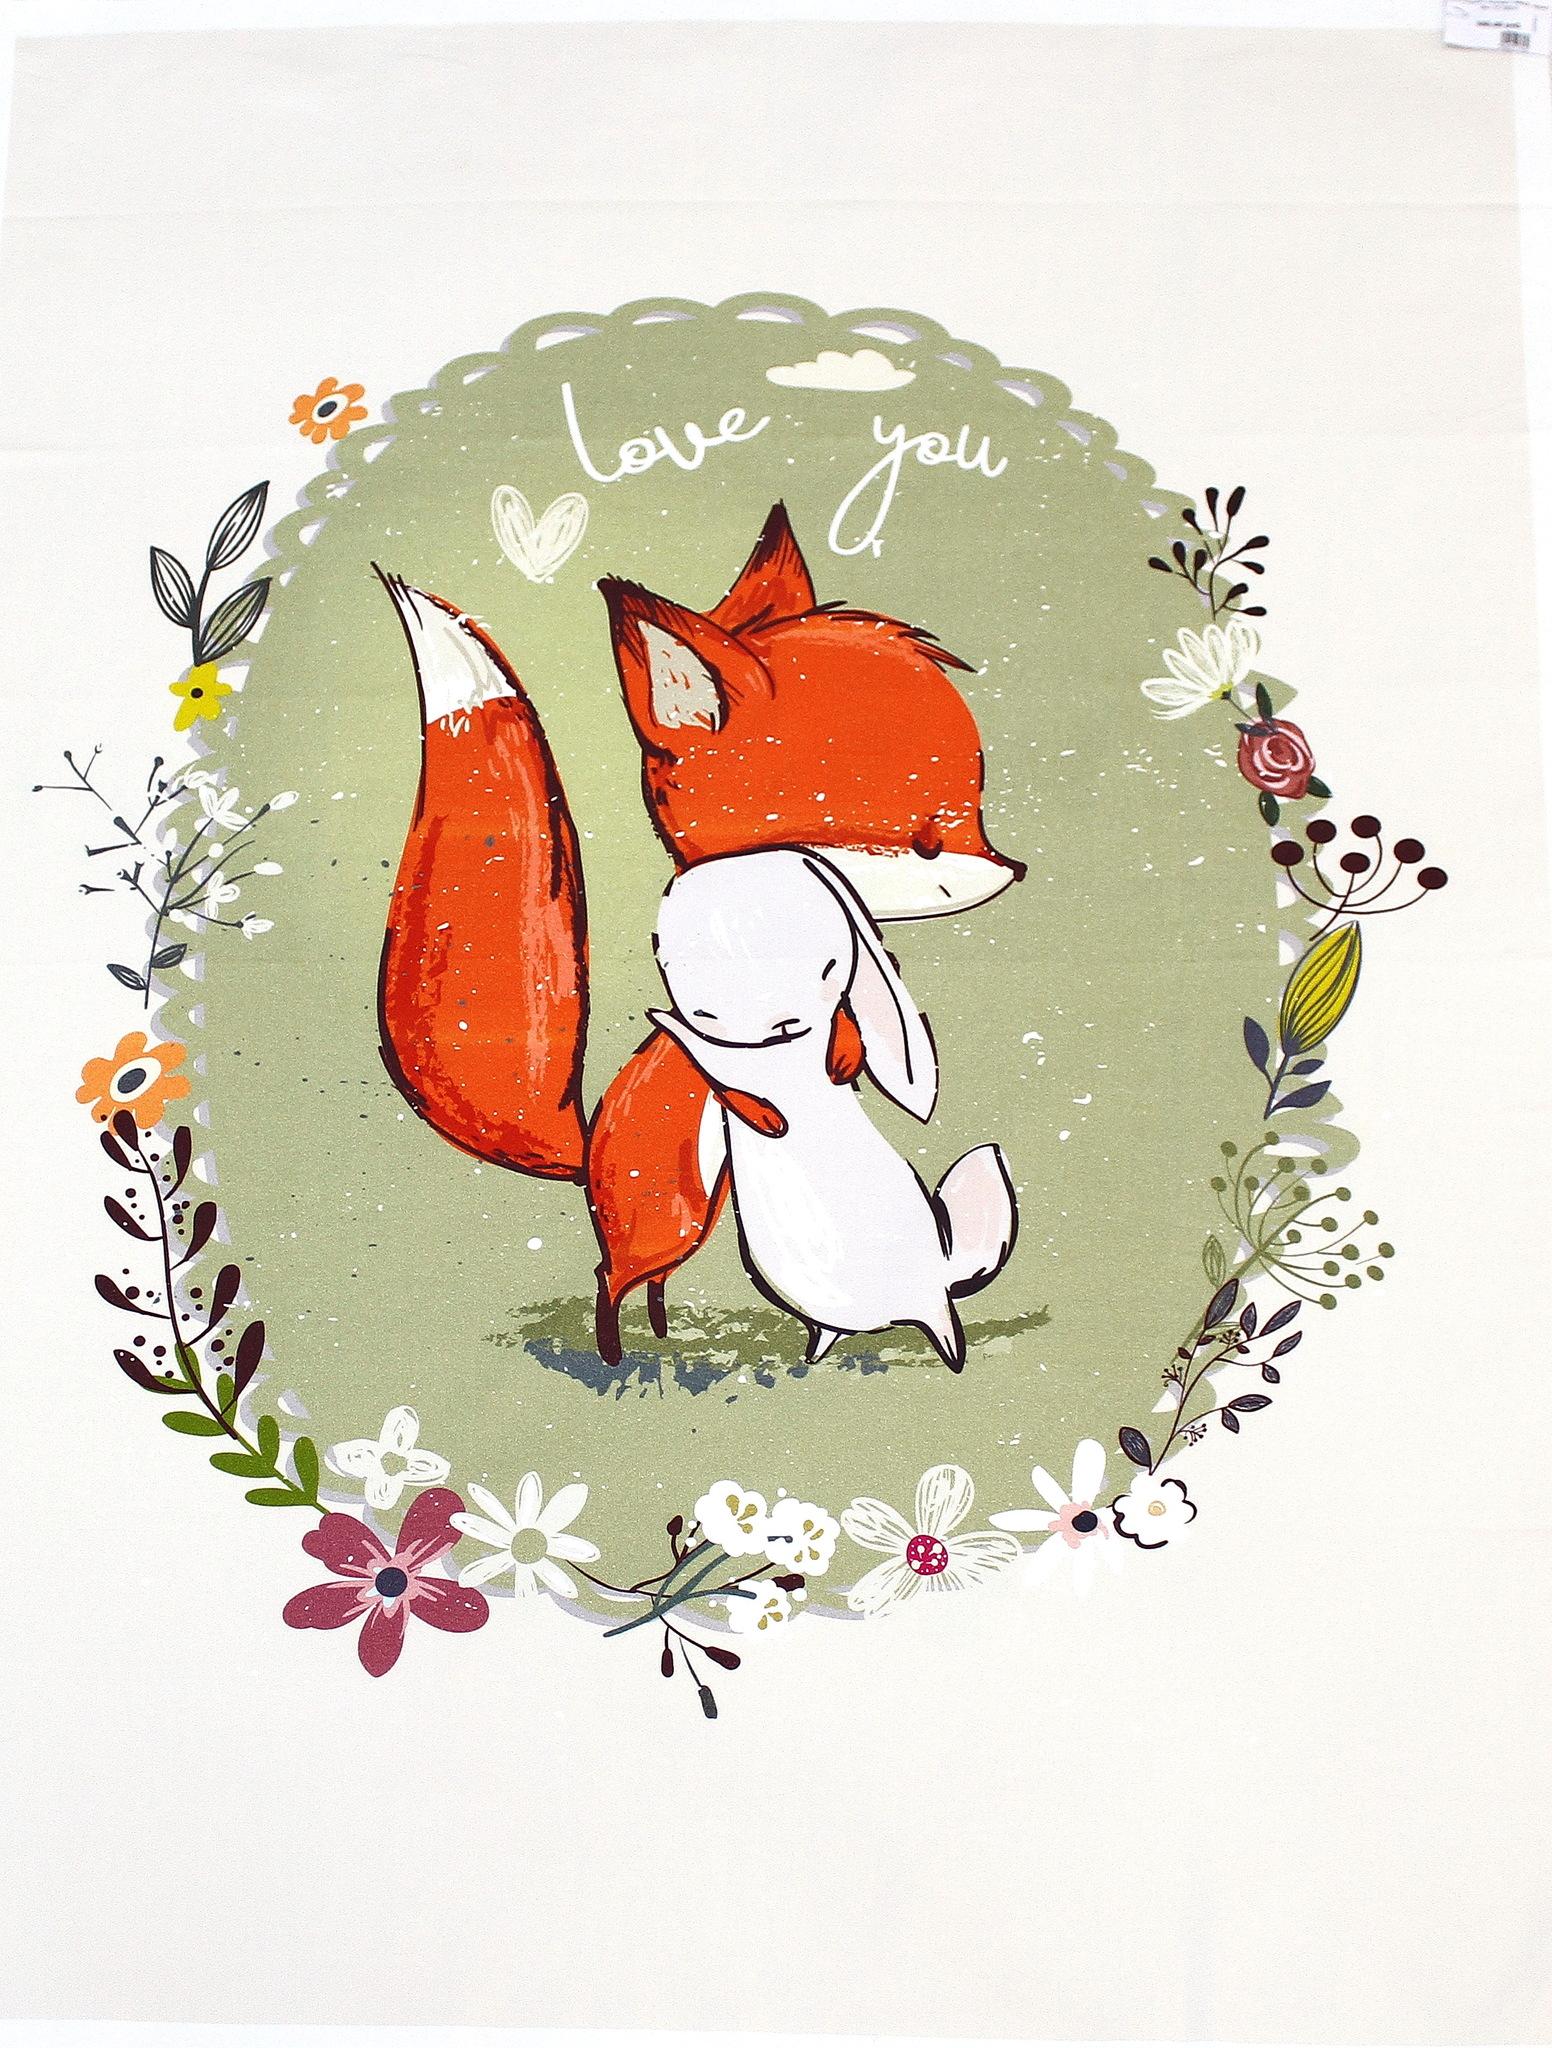 Панель(купон) лисенок с зайцем, фон хаки - 75*100 см